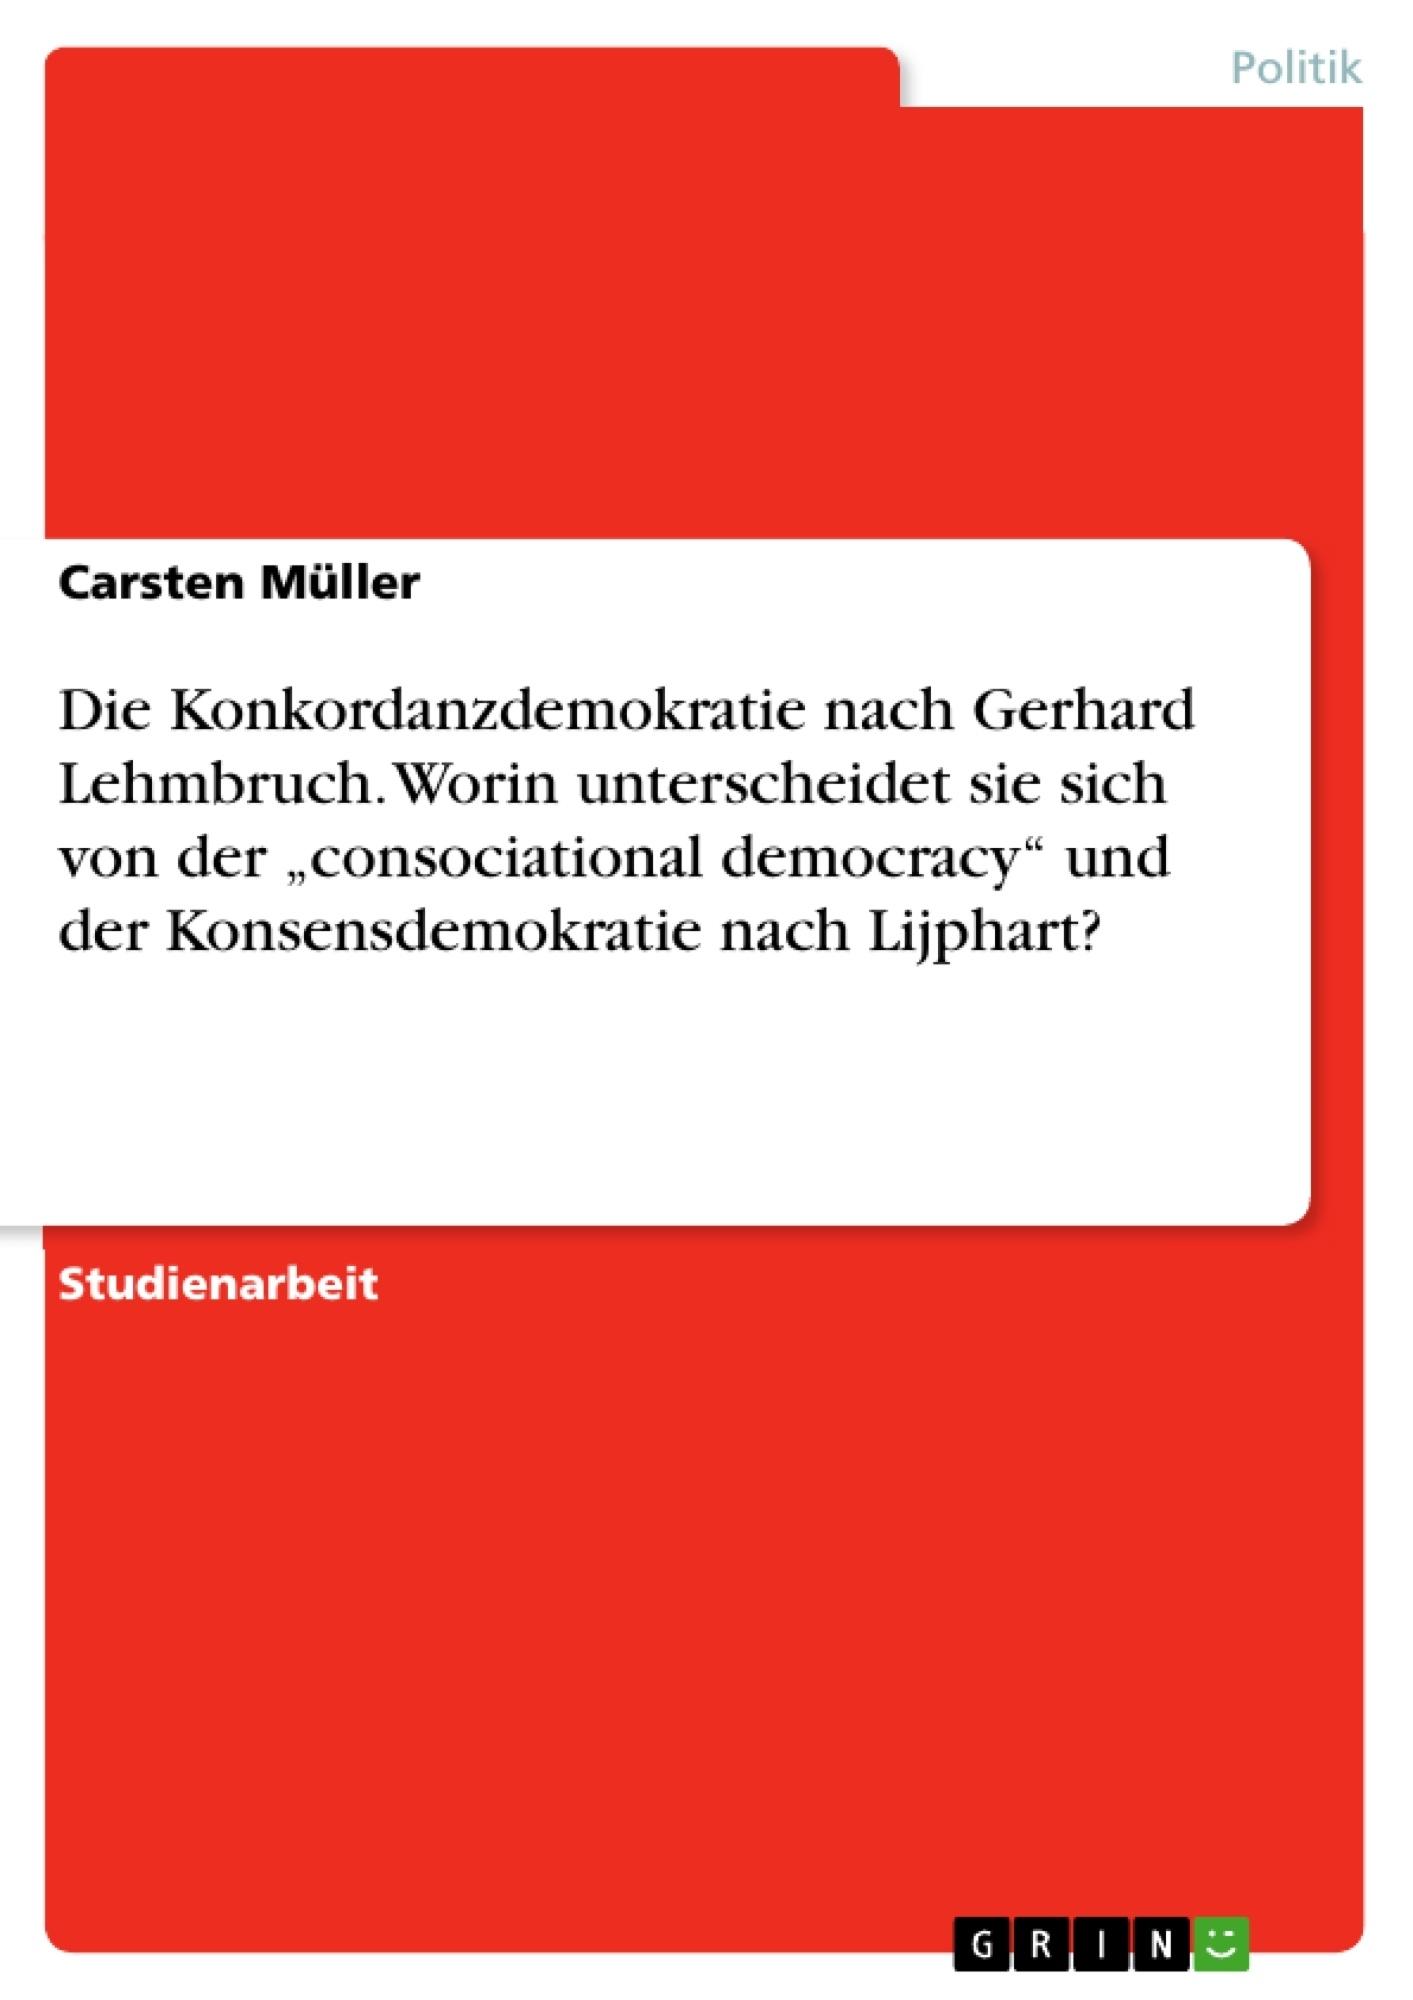 """Titel: Die Konkordanzdemokratie nach Gerhard Lehmbruch. Worin unterscheidet sie sich von der """"consociational democracy"""" und der Konsensdemokratie nach Lijphart?"""